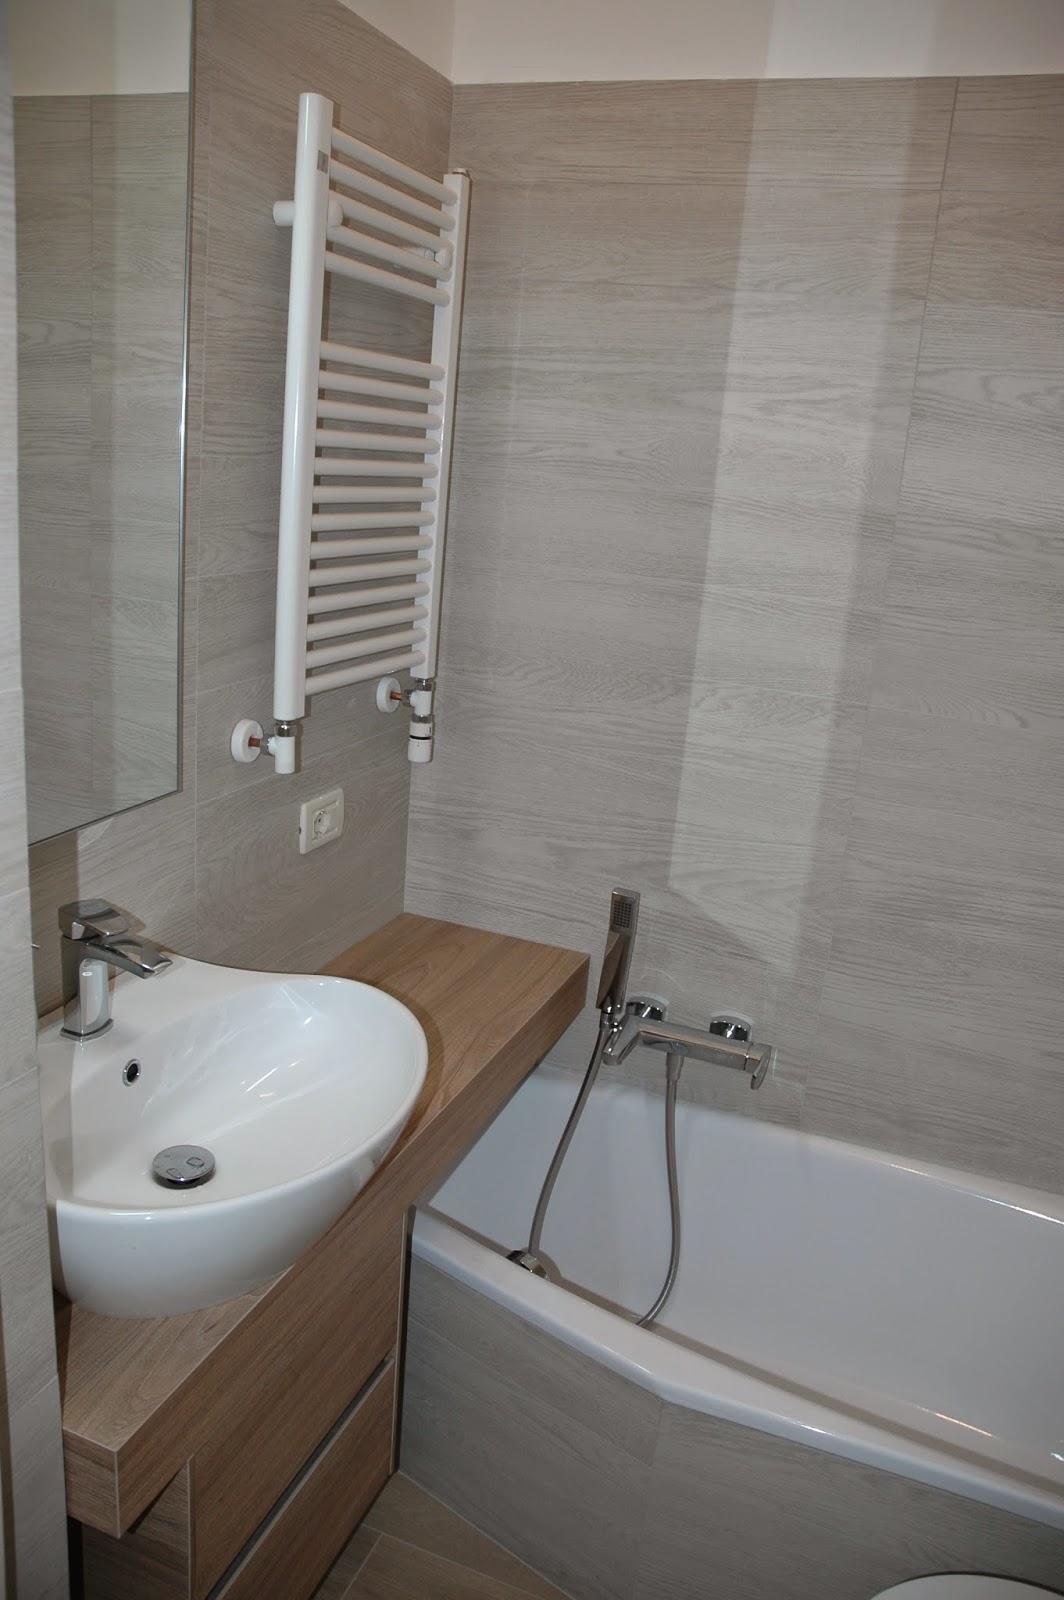 Progetto bagno 2 mq excellent mq locali camere bagni with - Progetto bagno 2 mq ...